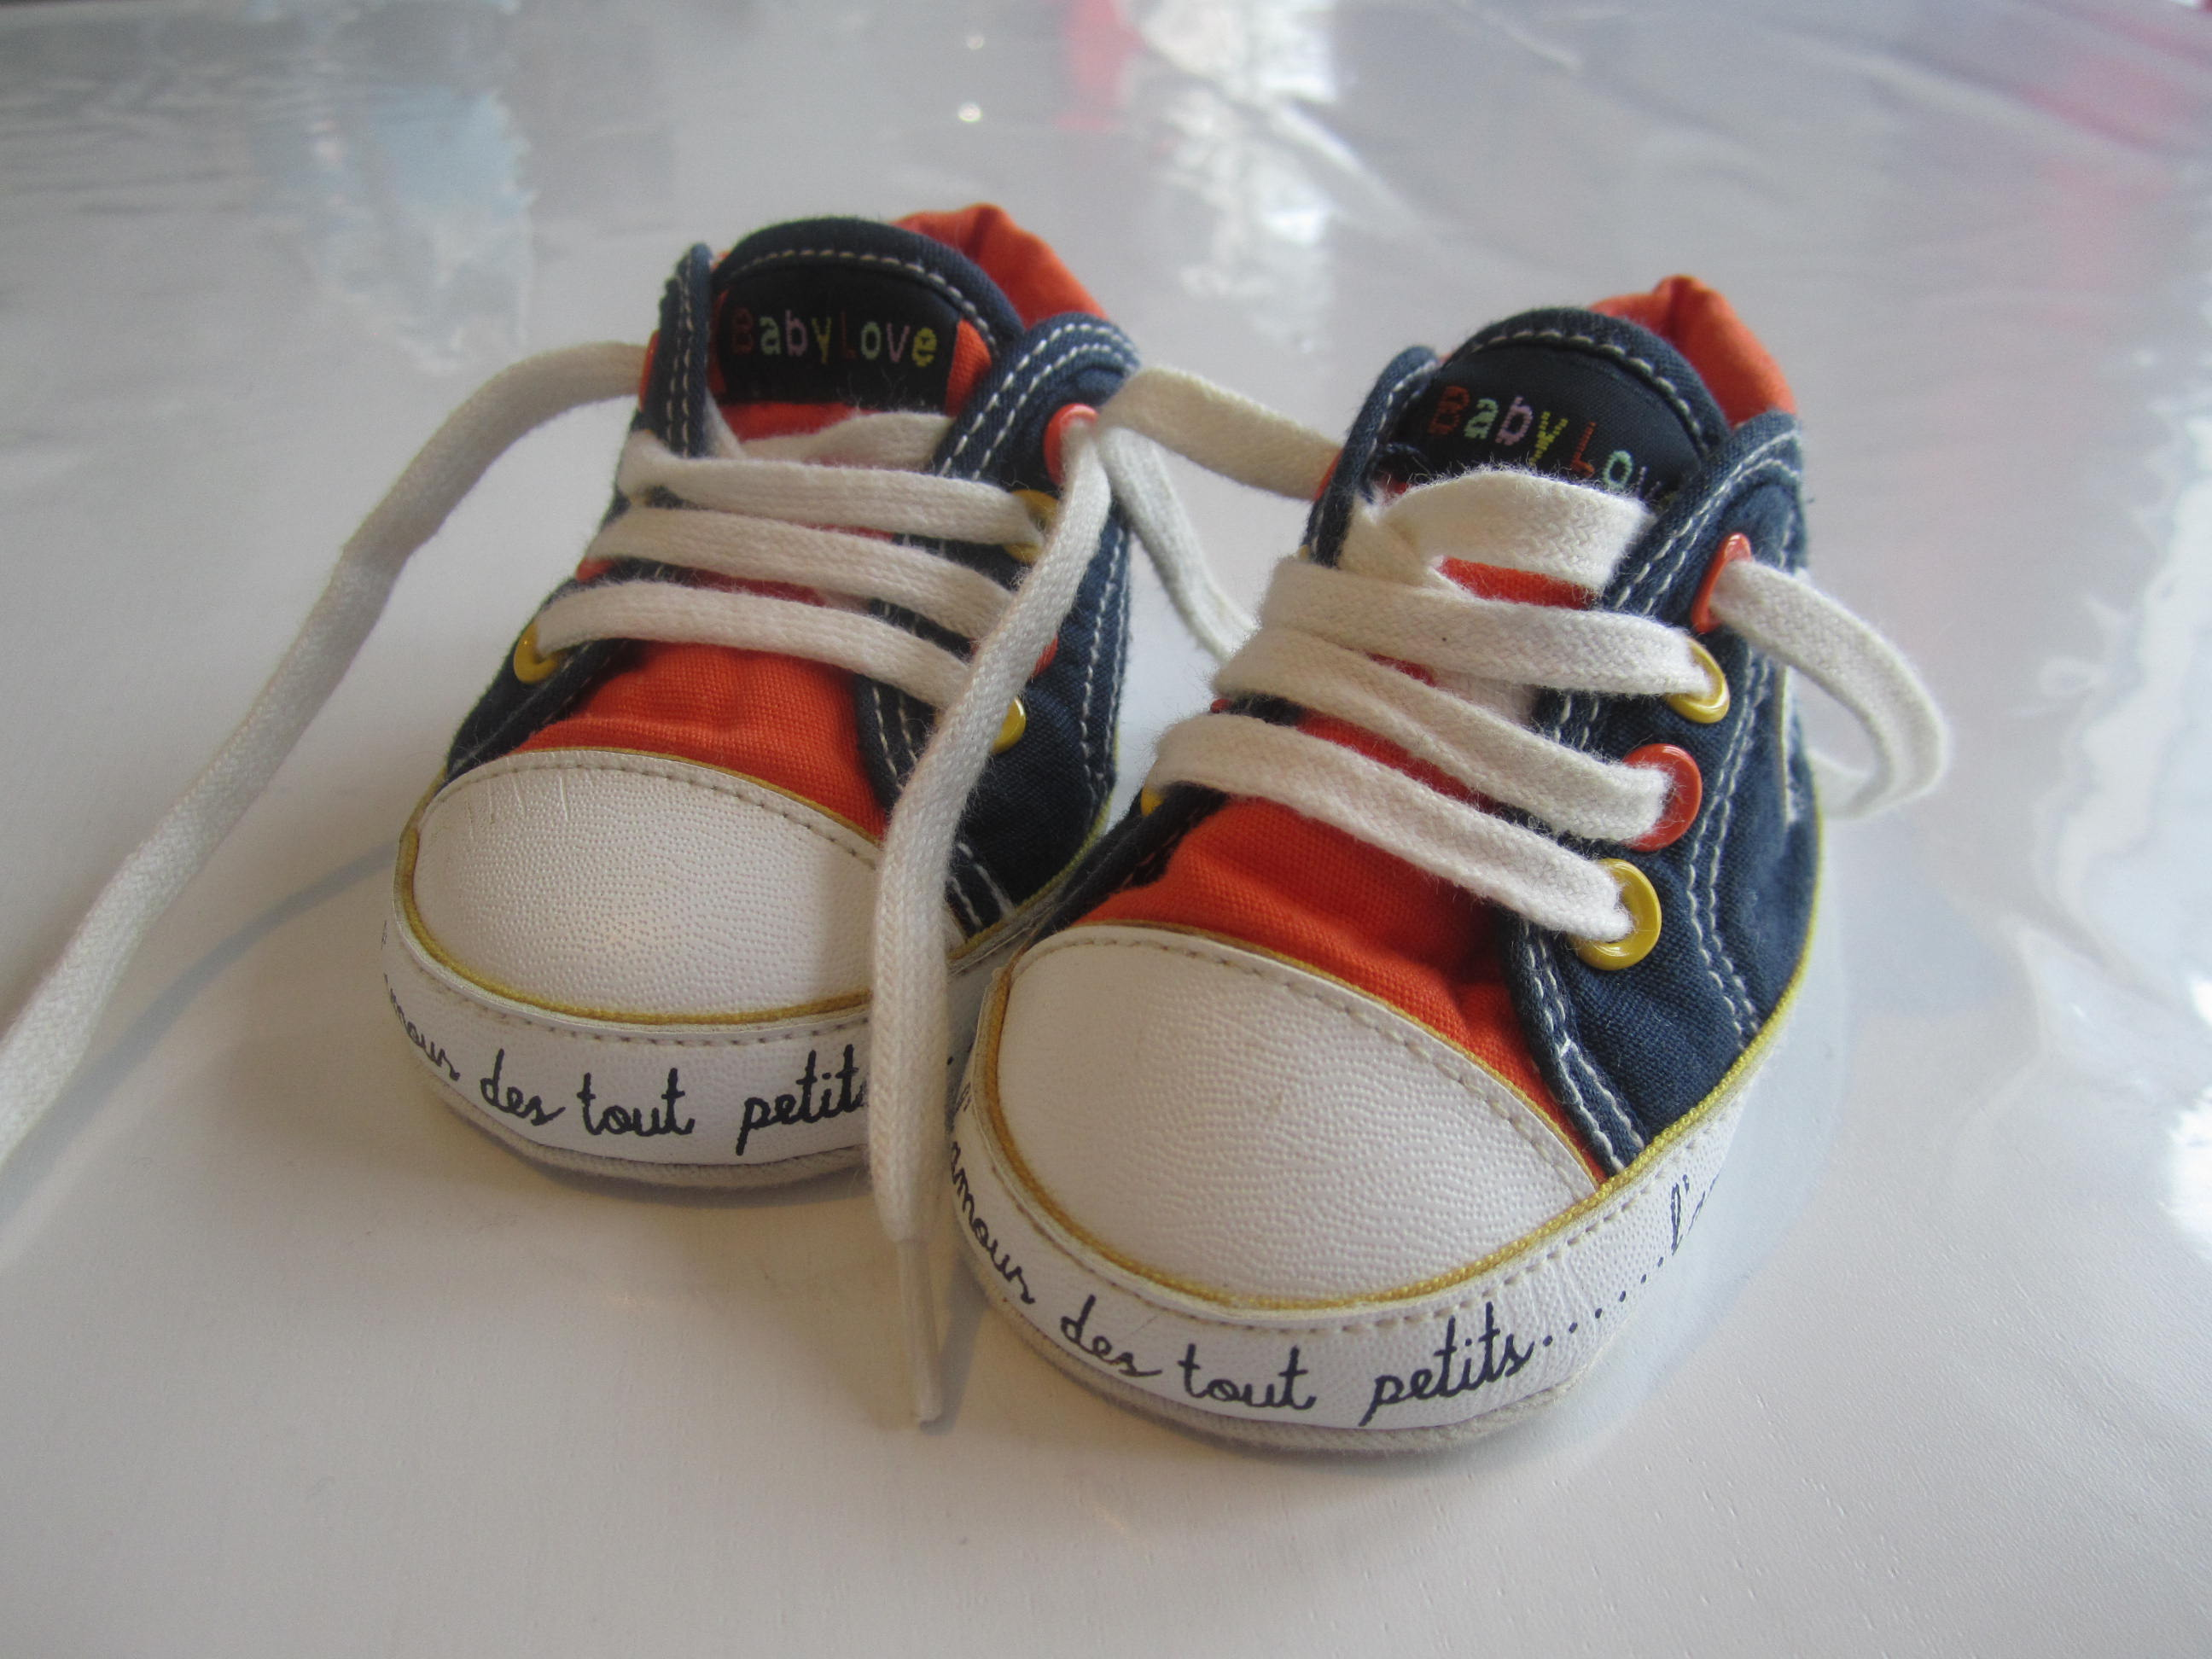 acheter en ligne 92302 9564c Chaussures bébé garçon de la naissance à taille 22 ...